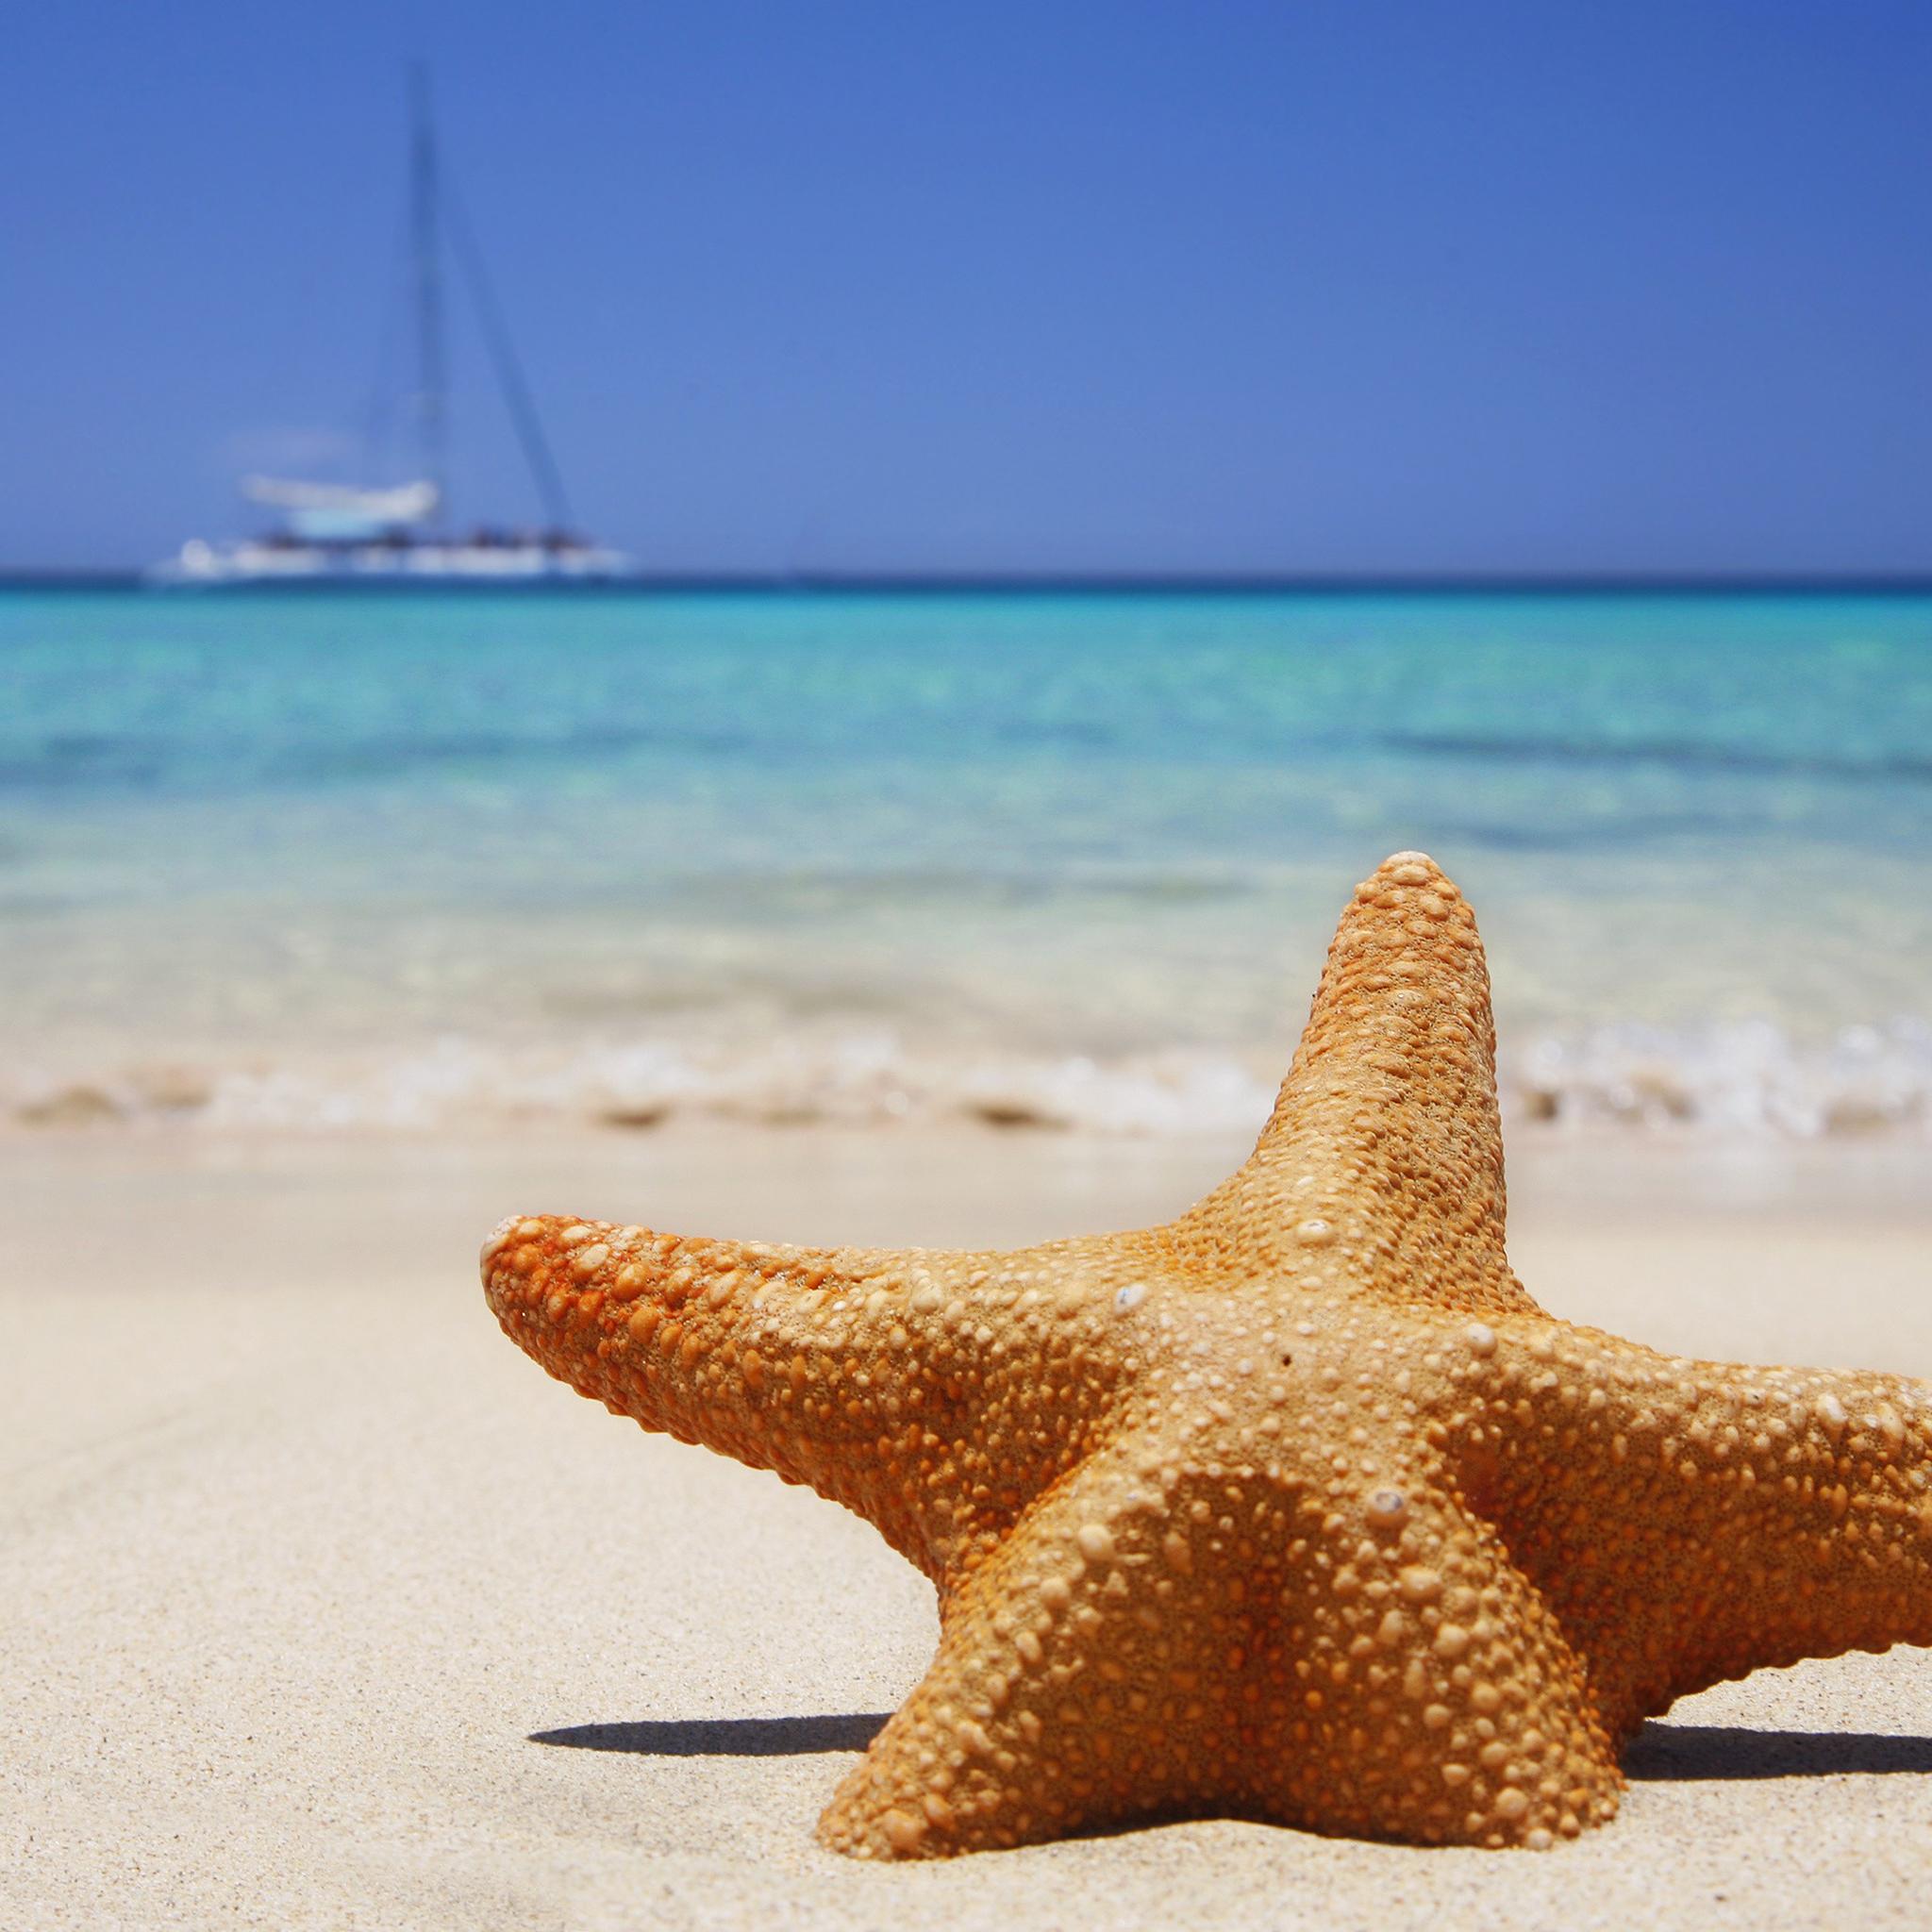 Starfish Beach 3Wallpapers IPad Retina